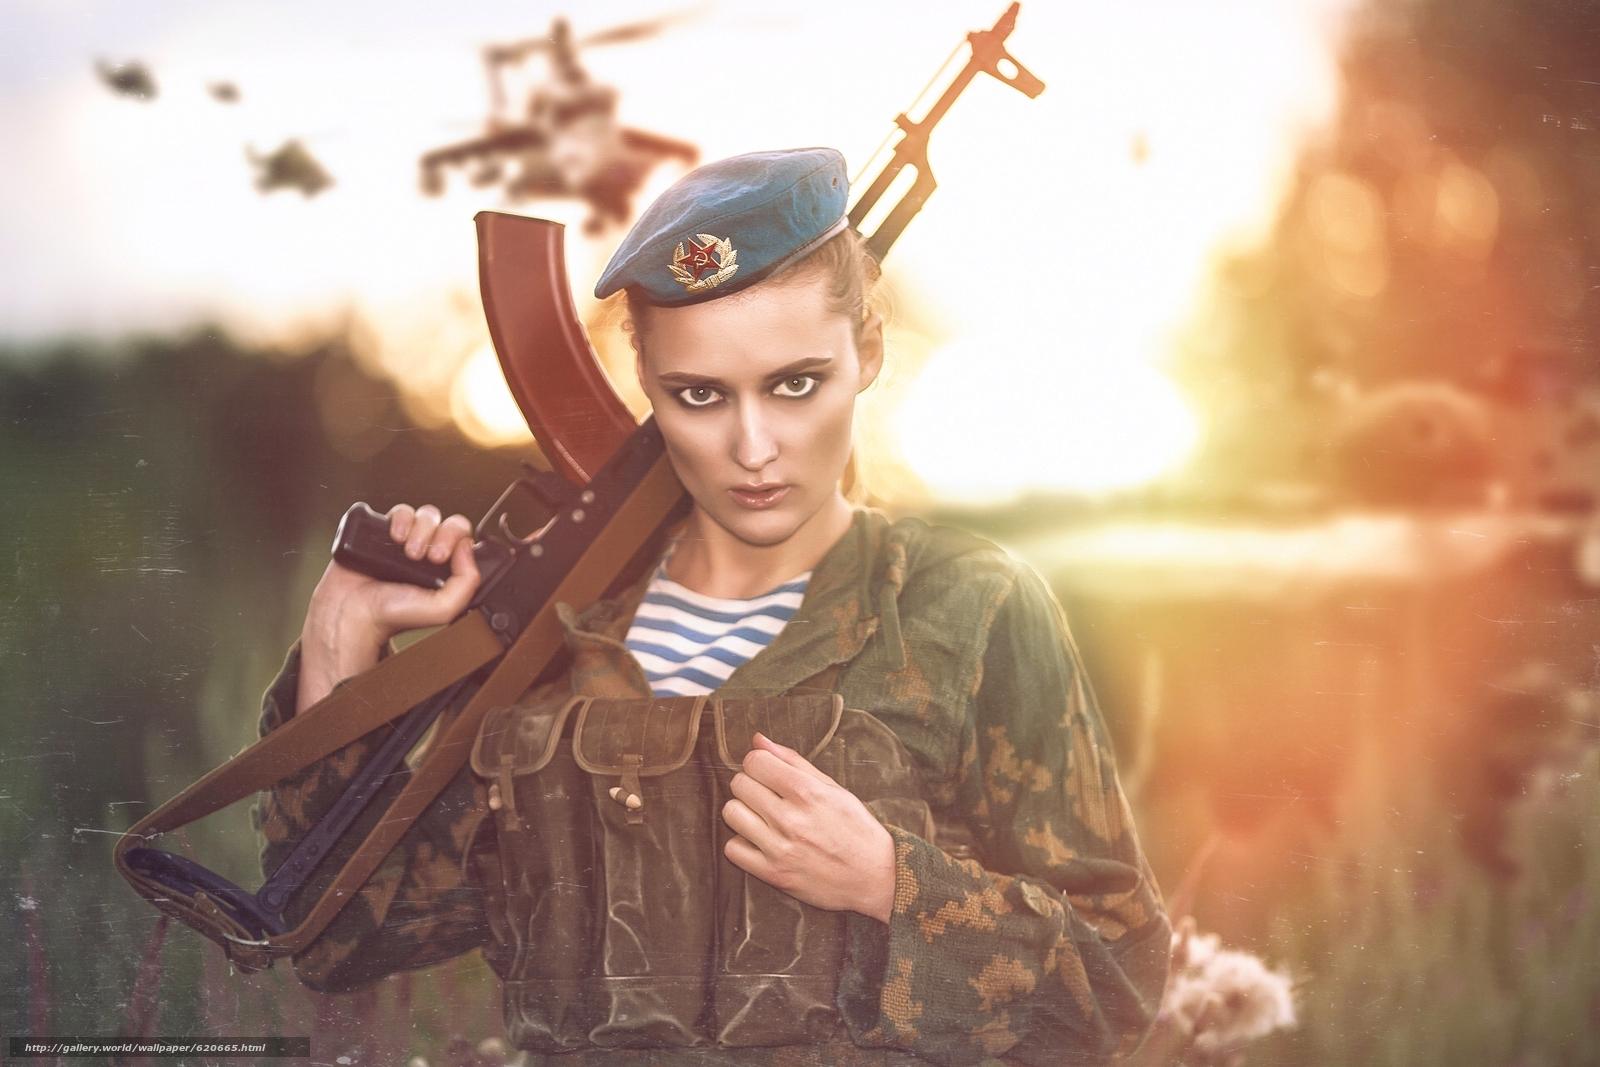 девушка, солдат, десантник, форма, берет, оружие, автомат Калашникова, автомат, АК, взгляд